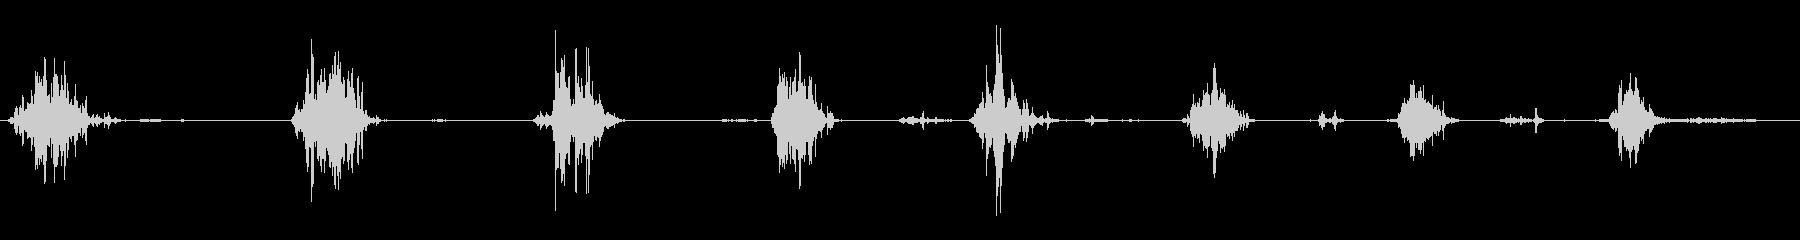 食べる音13(ポテトチップスなど)の未再生の波形